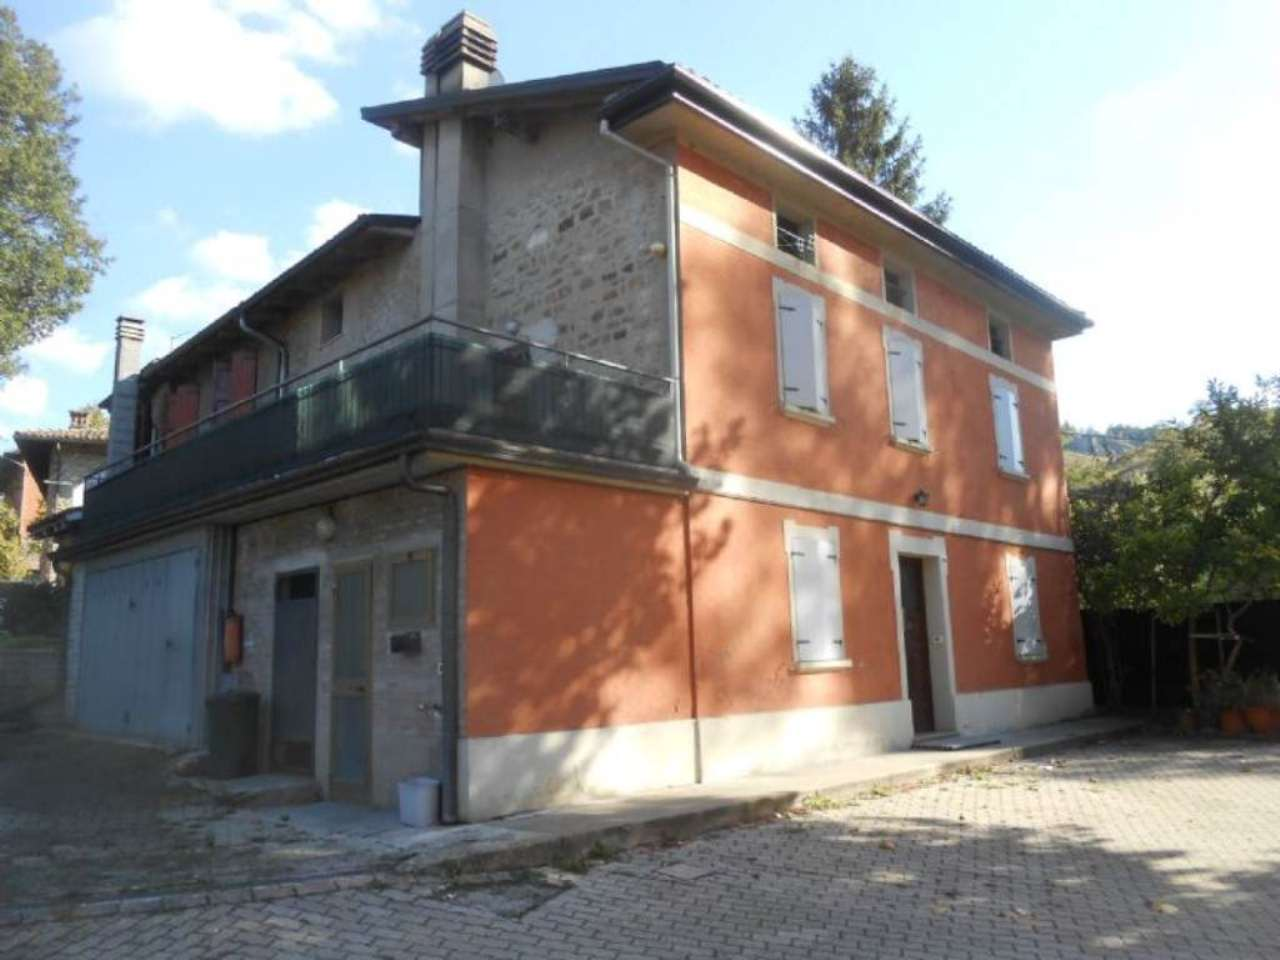 Rustico / Casale in vendita a Monte San Pietro, 9999 locali, prezzo € 300.000 | Cambio Casa.it